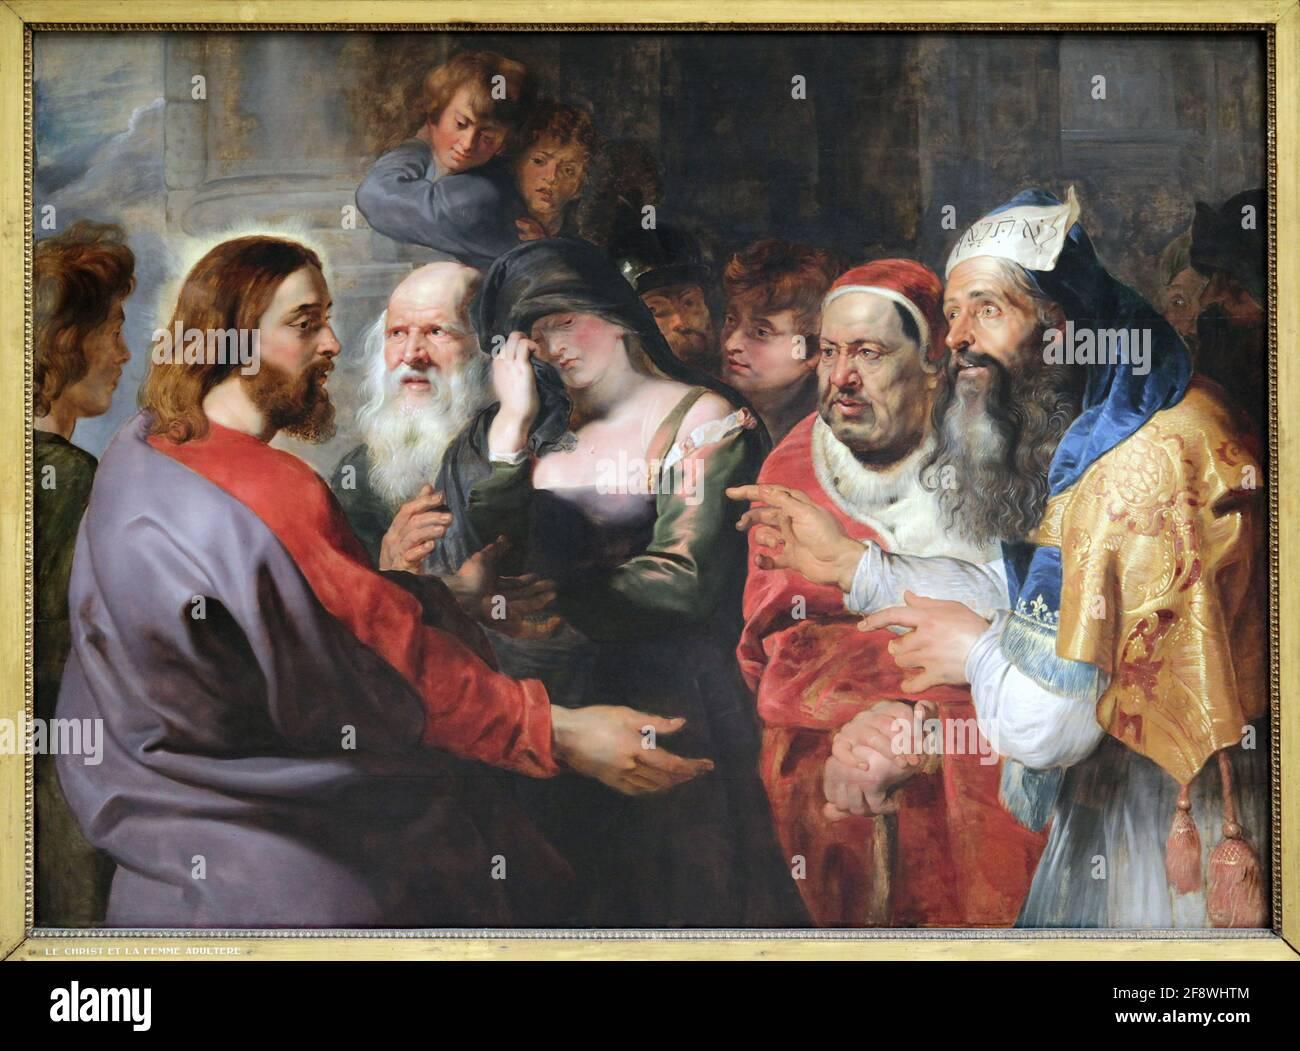 Cristo y la adúltera por Pedro Pablo Rubens 1577-1640 Foto de stock